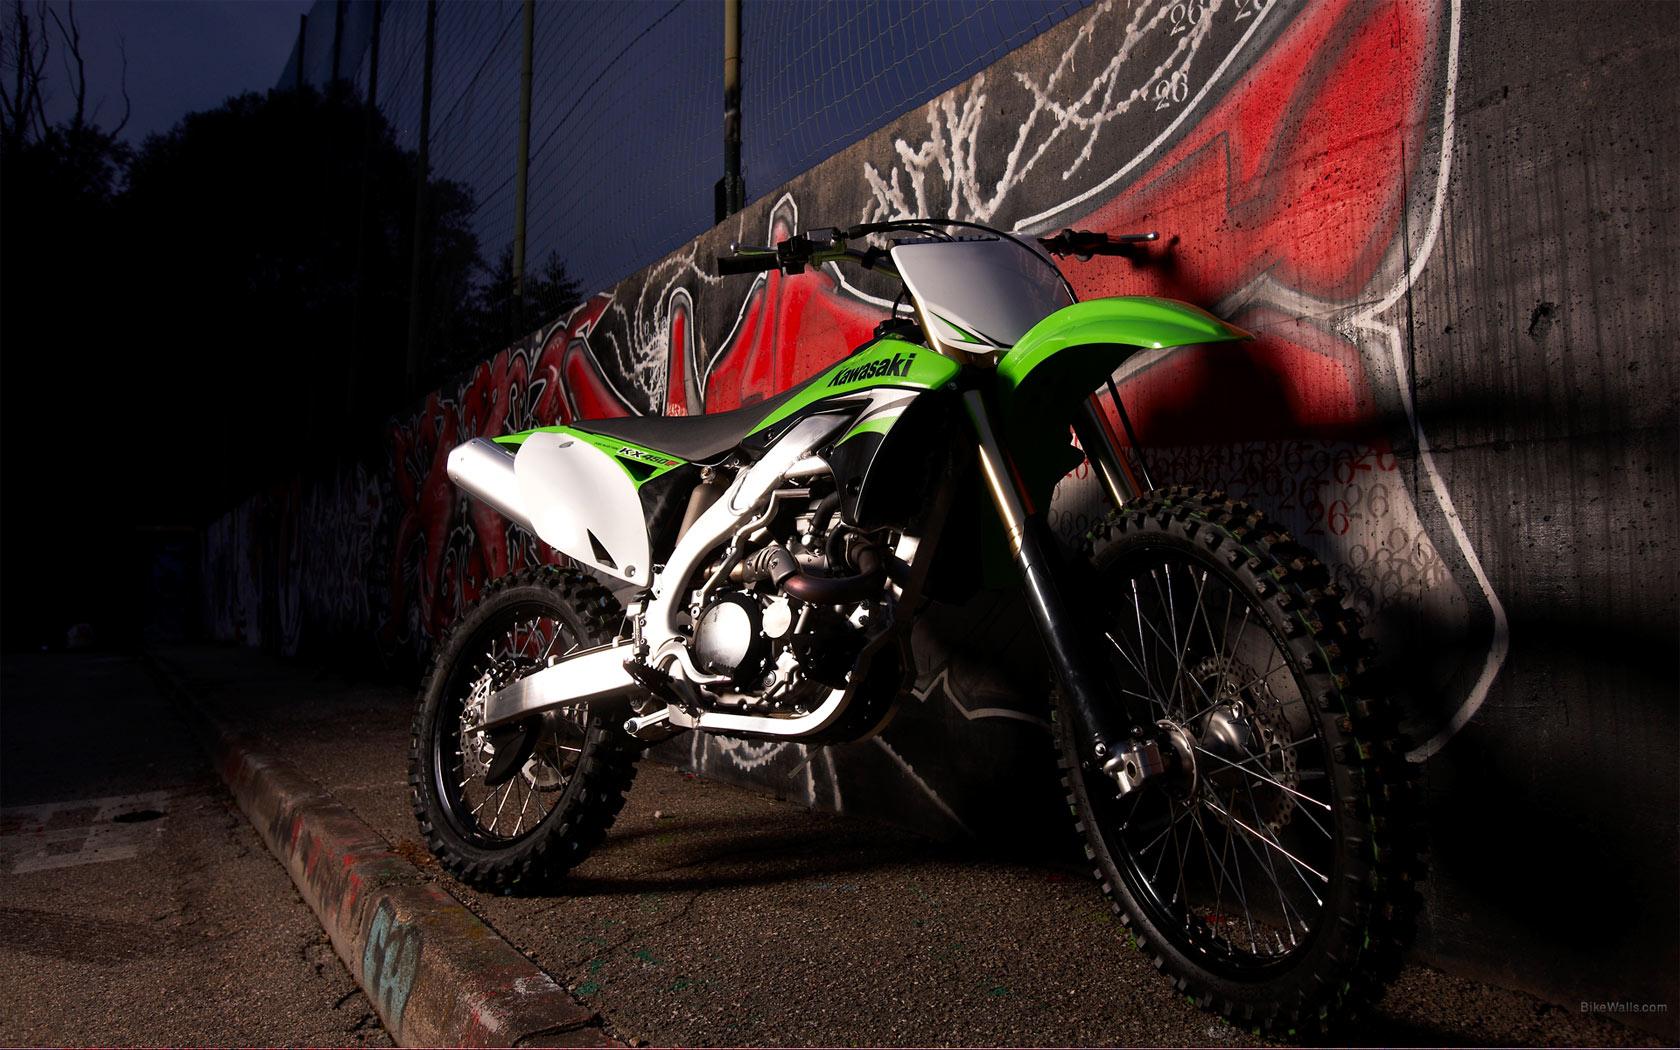 Kawasaki Kx450f 2009 16 1680x1050 10 000 Fonds D Ecran Hd